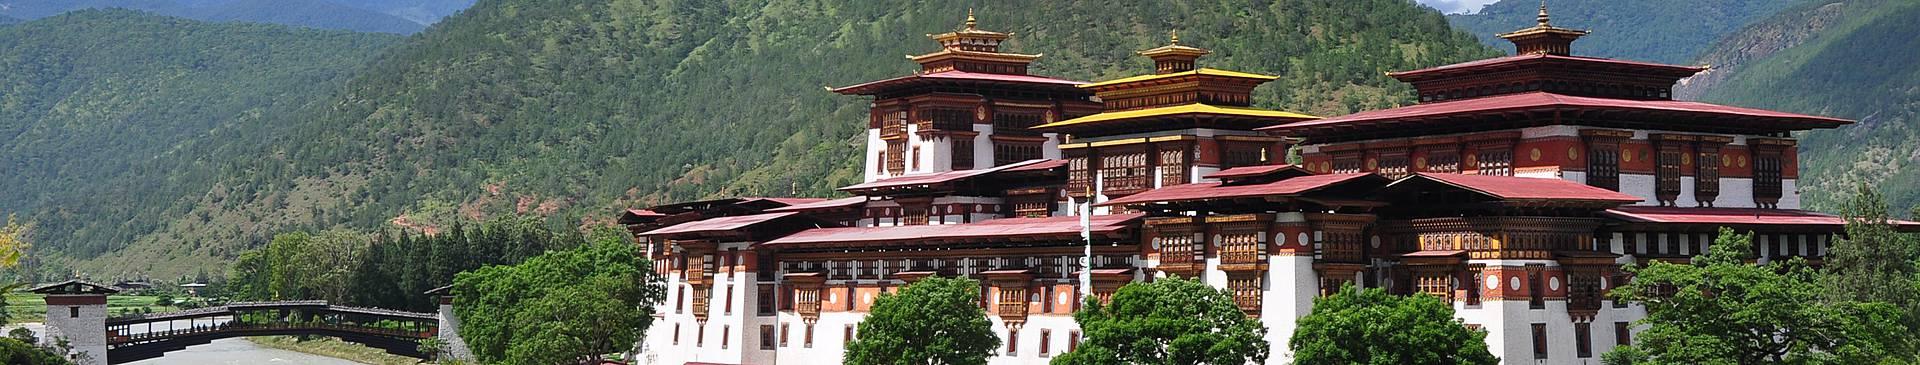 Städtereise Bhutan